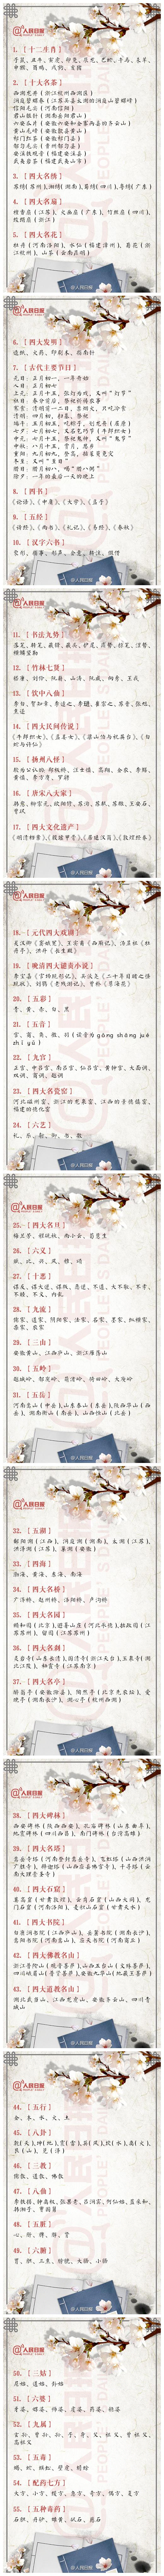 常�R�e累:55��中��文化常�R